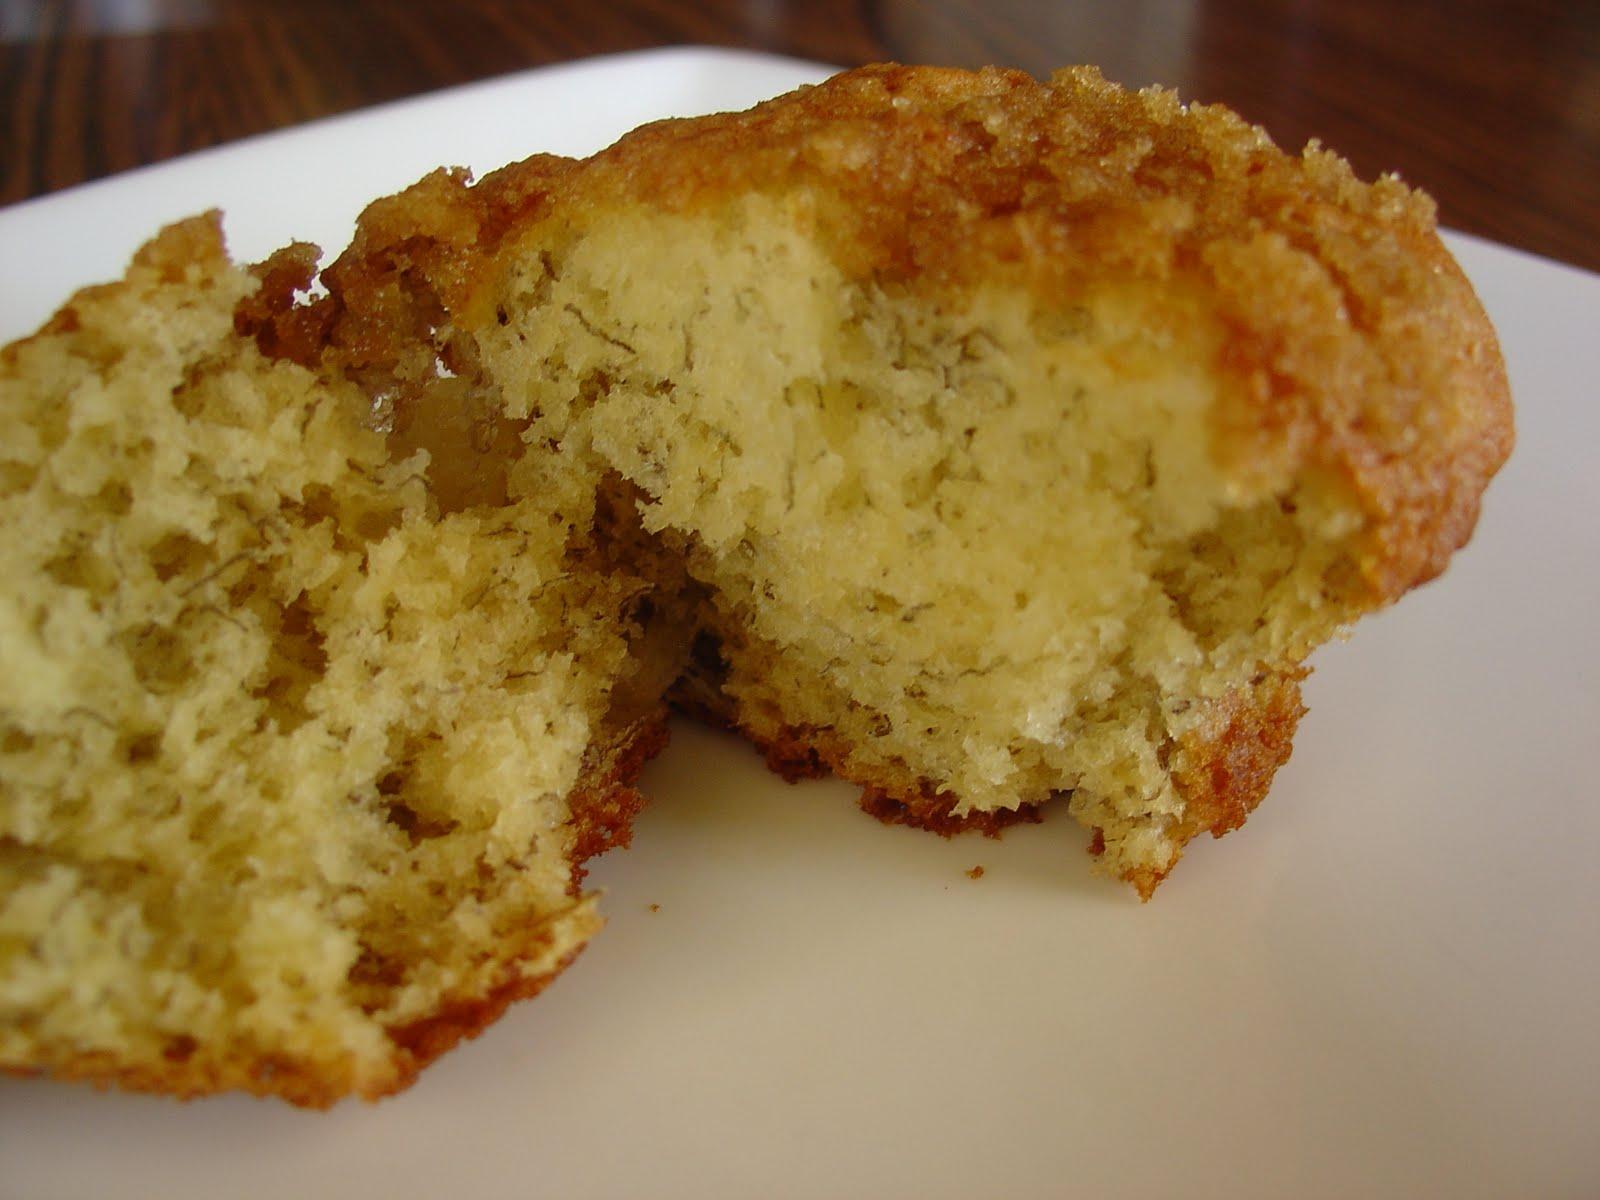 The Sisters Dish: Banana Crumb Muffins